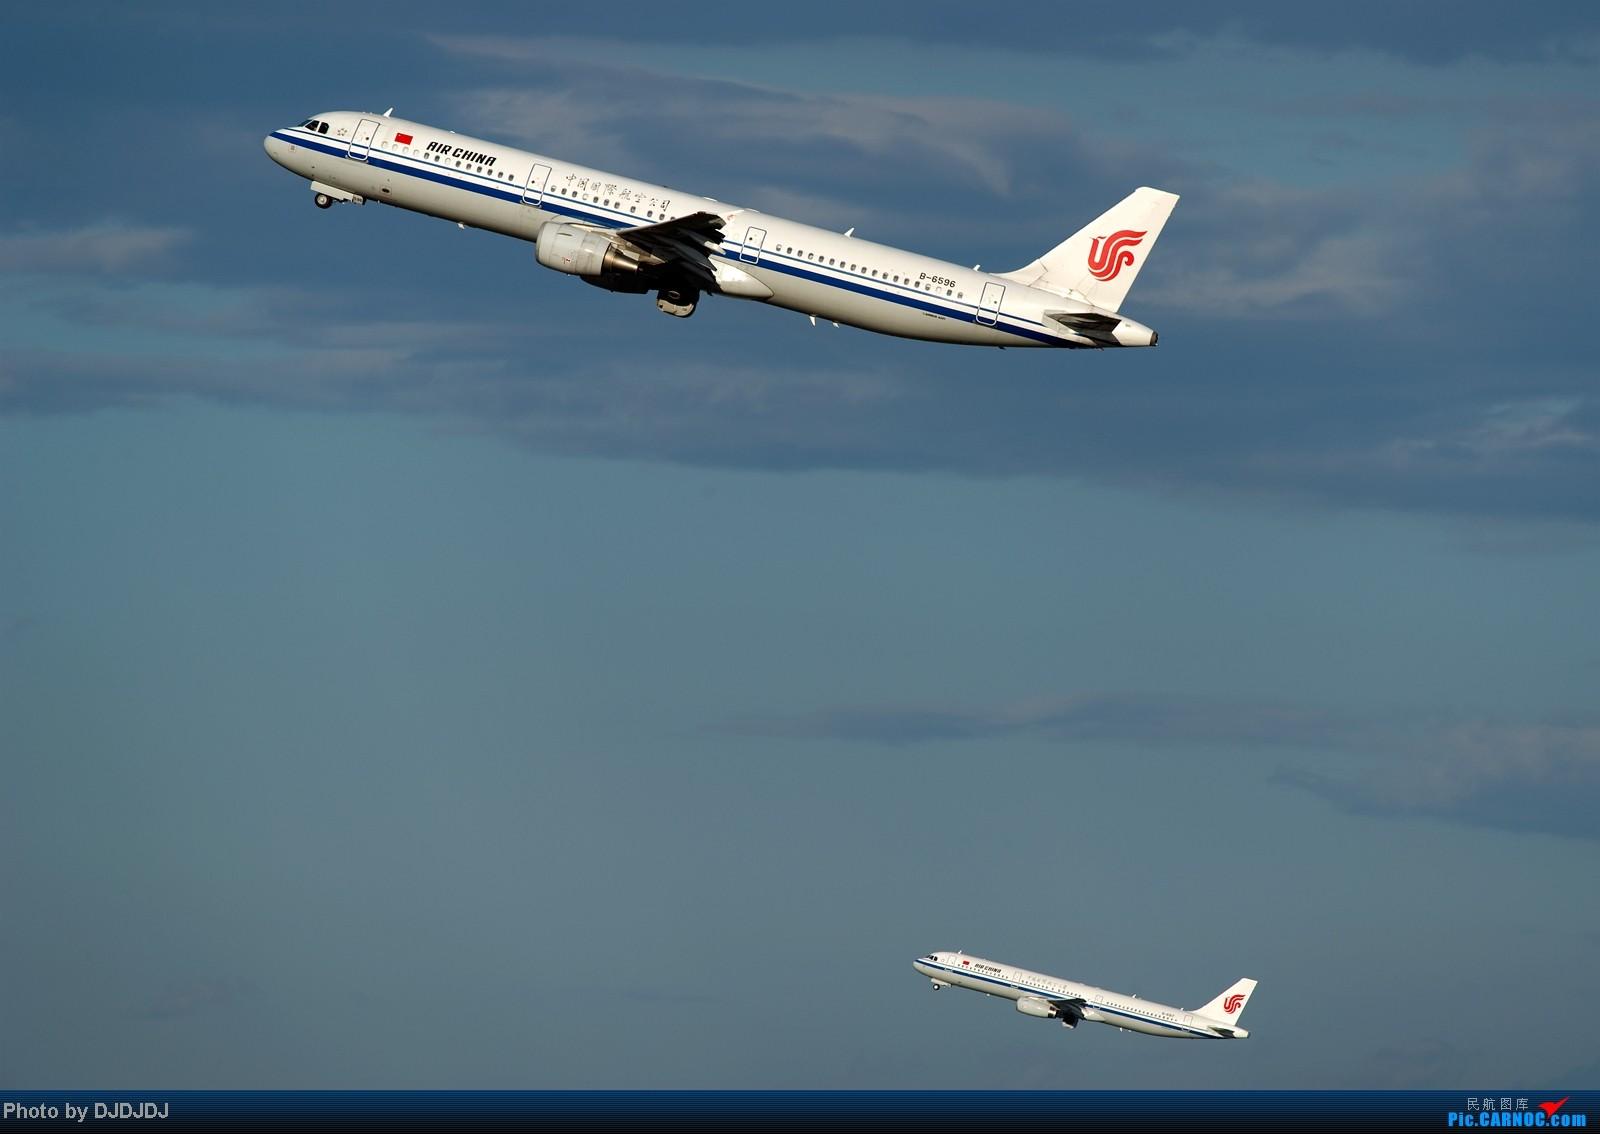 [原创]【BLDDQ】仓老师教我们如何打飞机,发哥教我们如何打好飞机,打双飞就要自己练鸟 AIRBUS A321-200 B-6596 中国北京首都机场